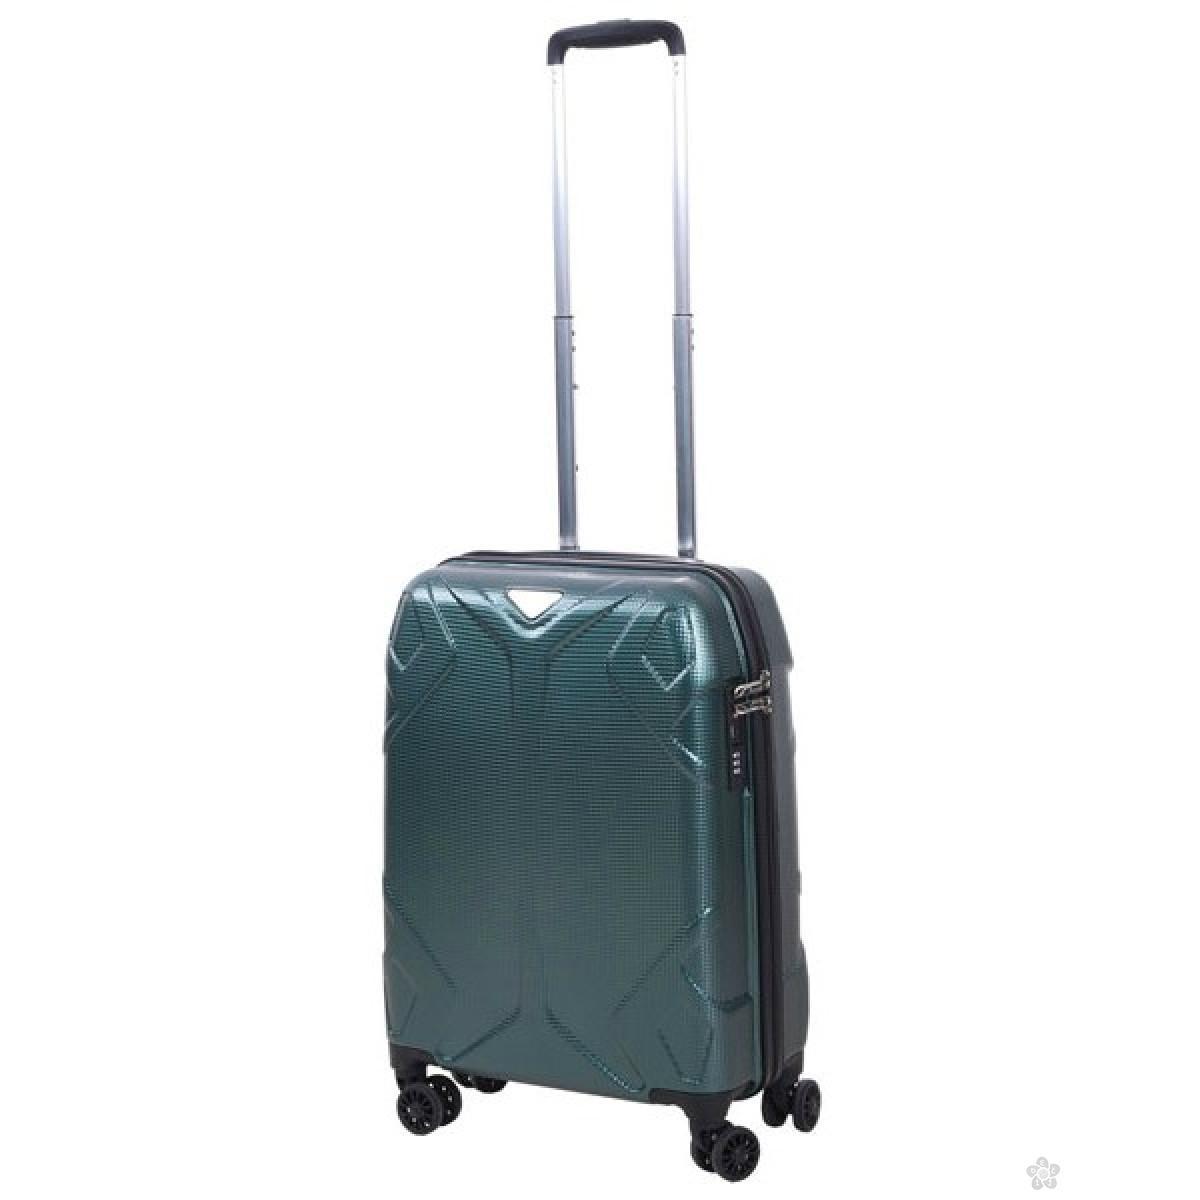 Kofer Pulse Soho sivi 20inch X21166